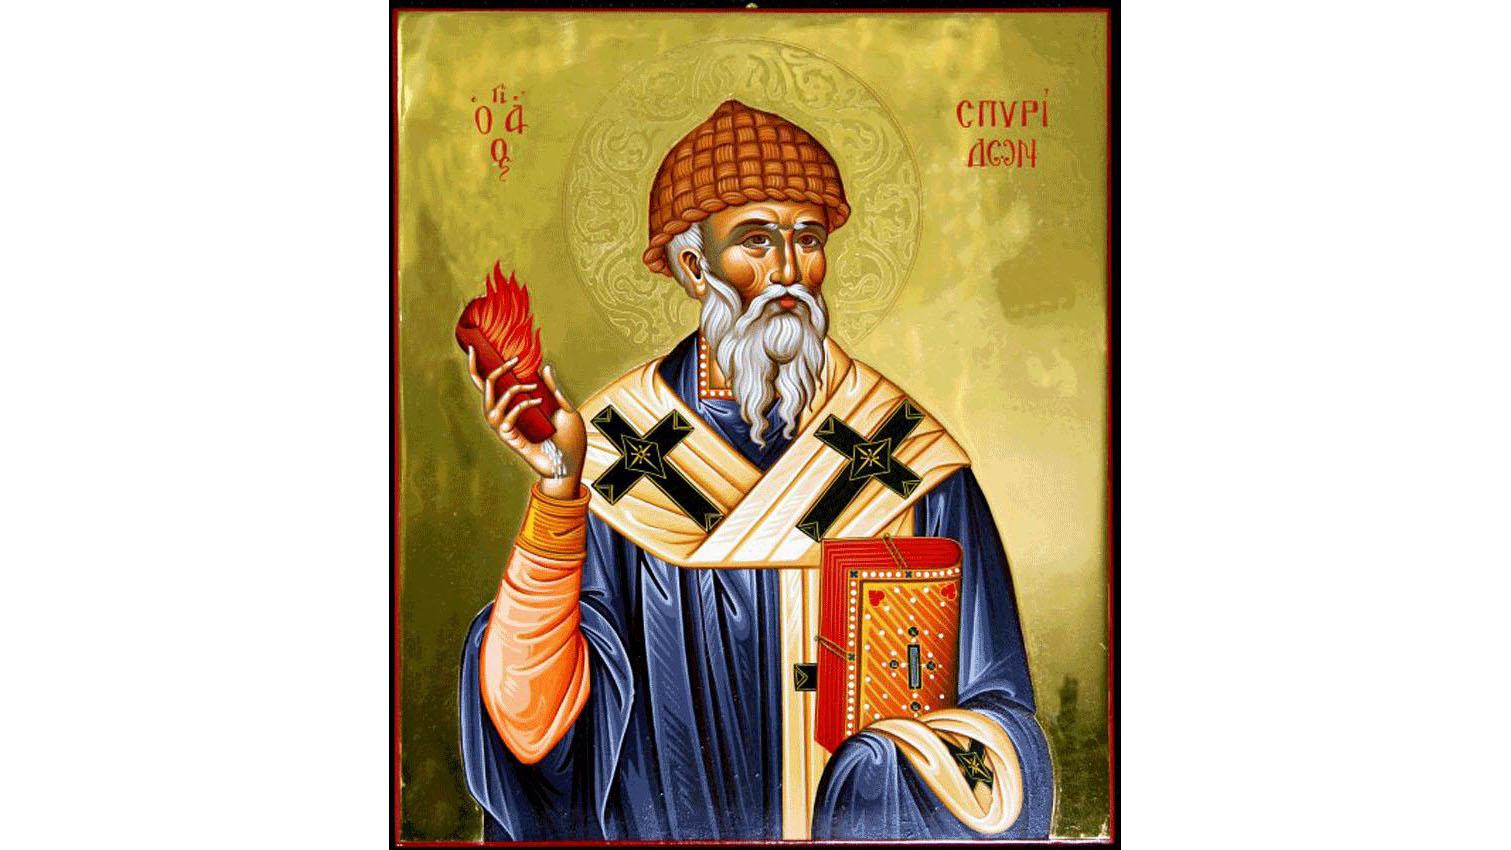 Icoană cu Sfântul Spiridon